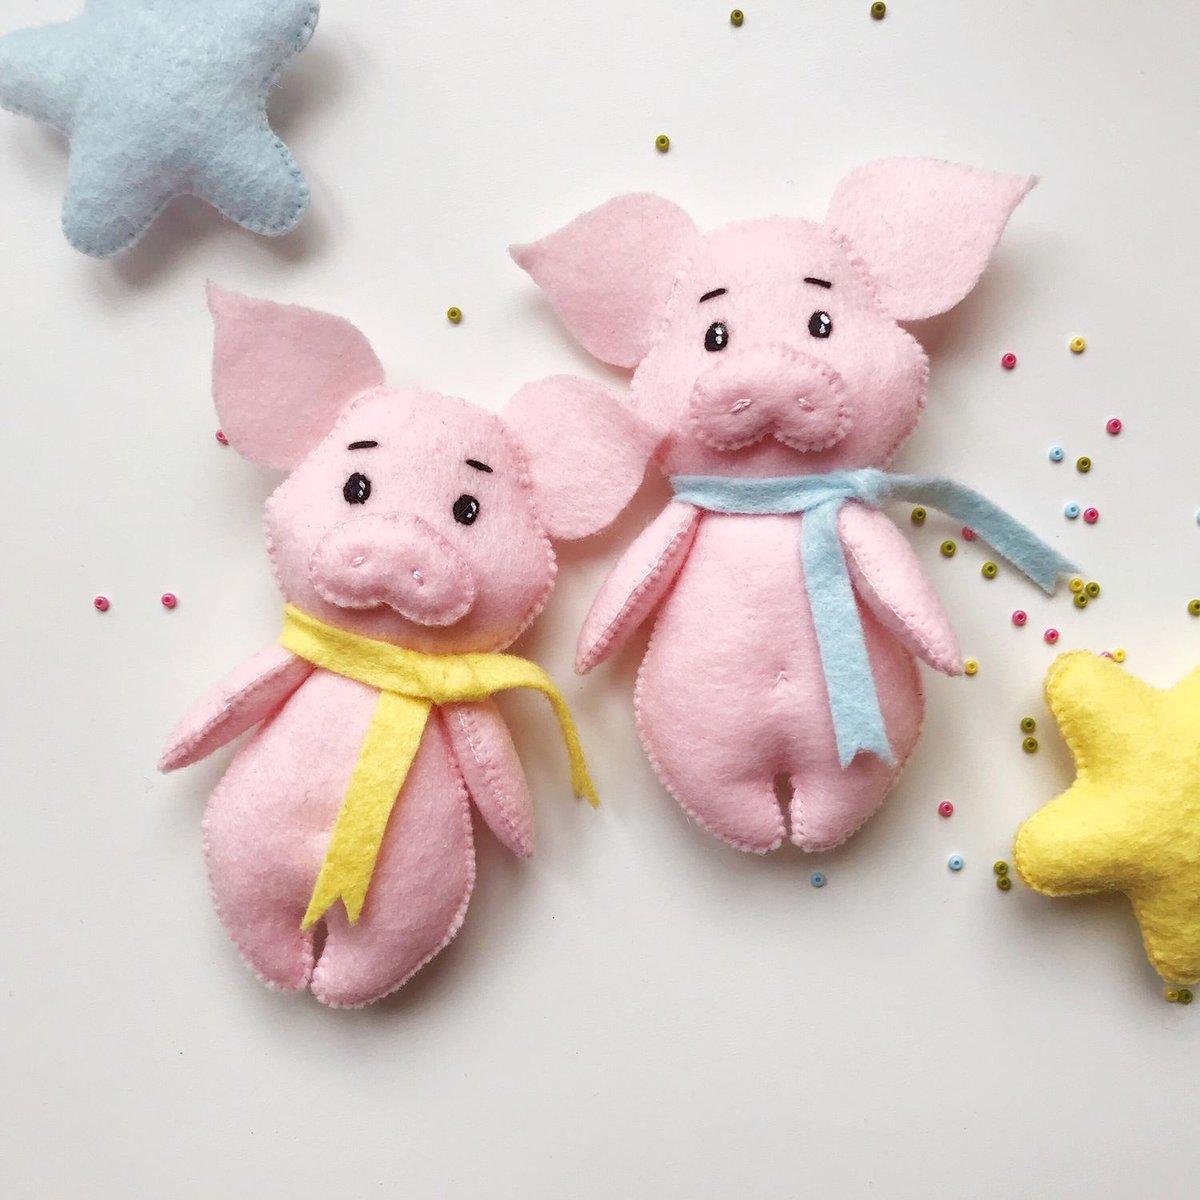 Поросёнок елочная новогодняя игрушка год свиньи 2019 символ